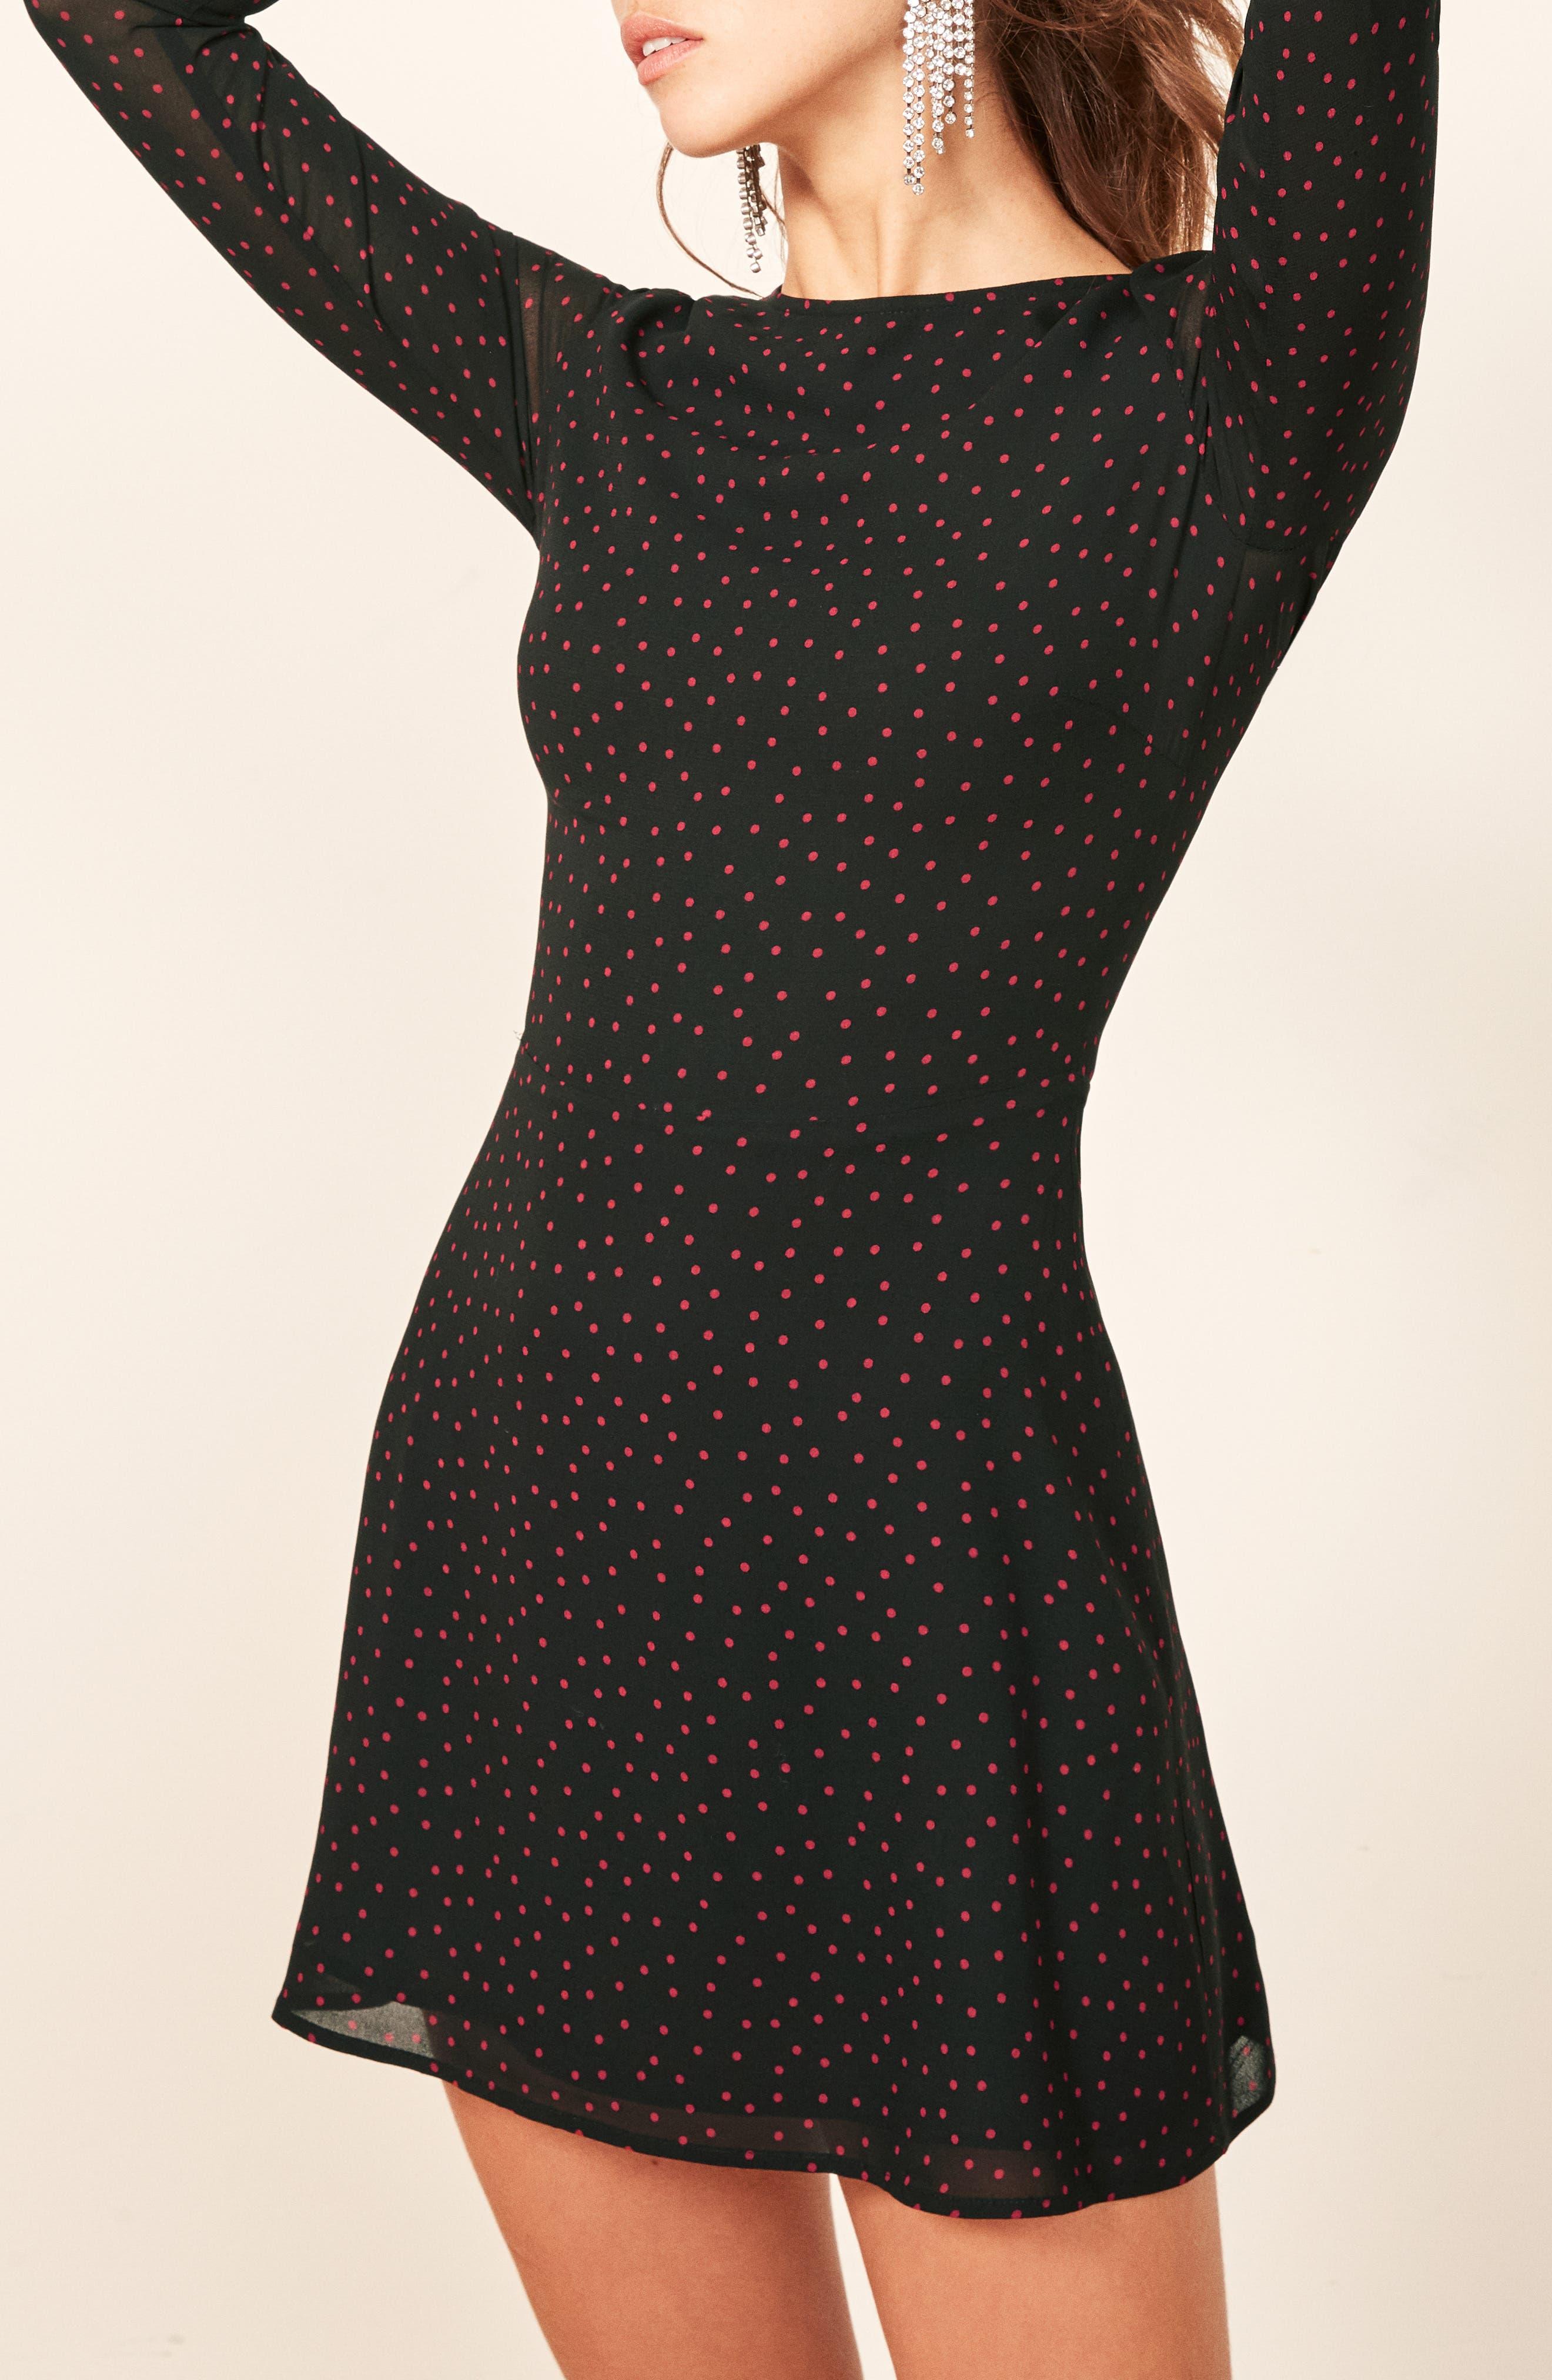 Mayra Dress,                             Alternate thumbnail 4, color,                             NATALIA